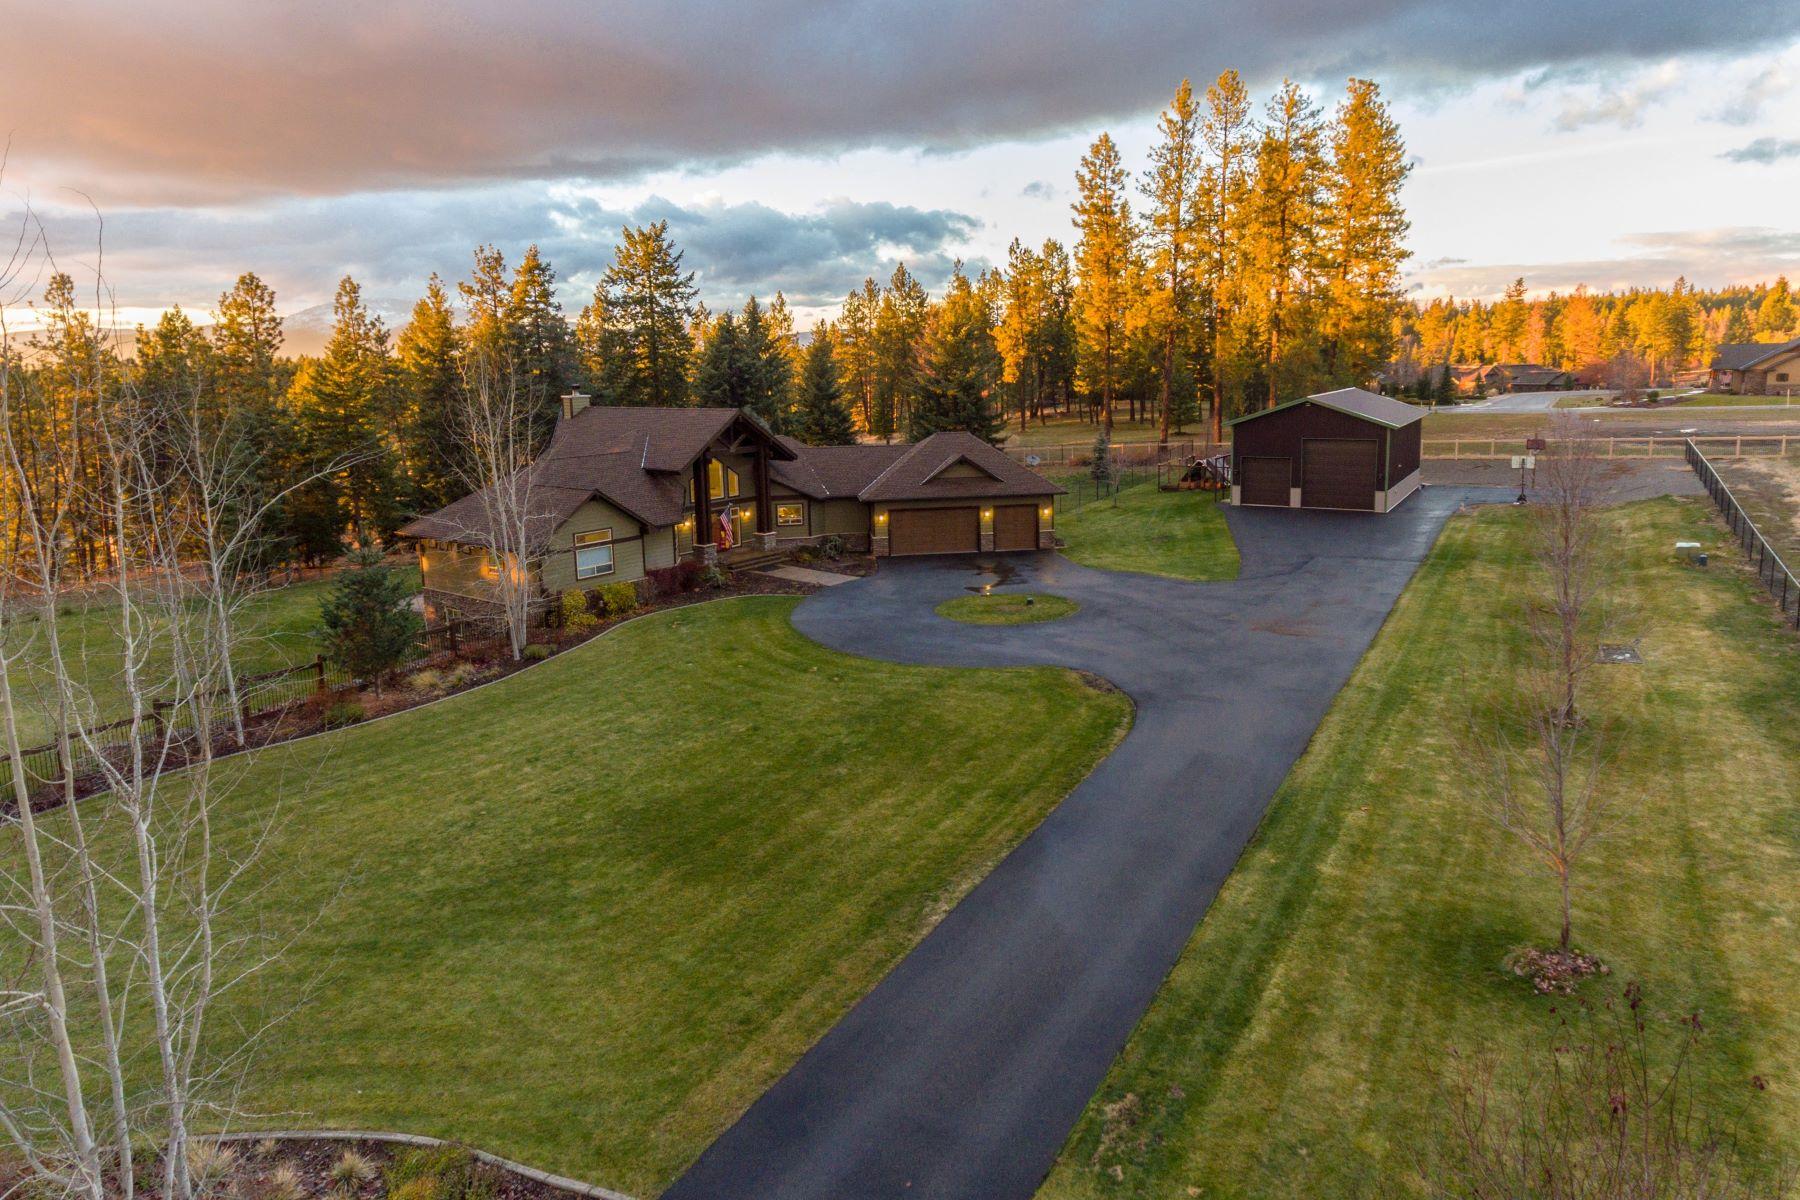 단독 가정 주택 용 매매 에 Spectacular Private Home on 2.5 Acres 1285 E Starling Meadows Ct, Hayden, 아이다호, 83835 미국